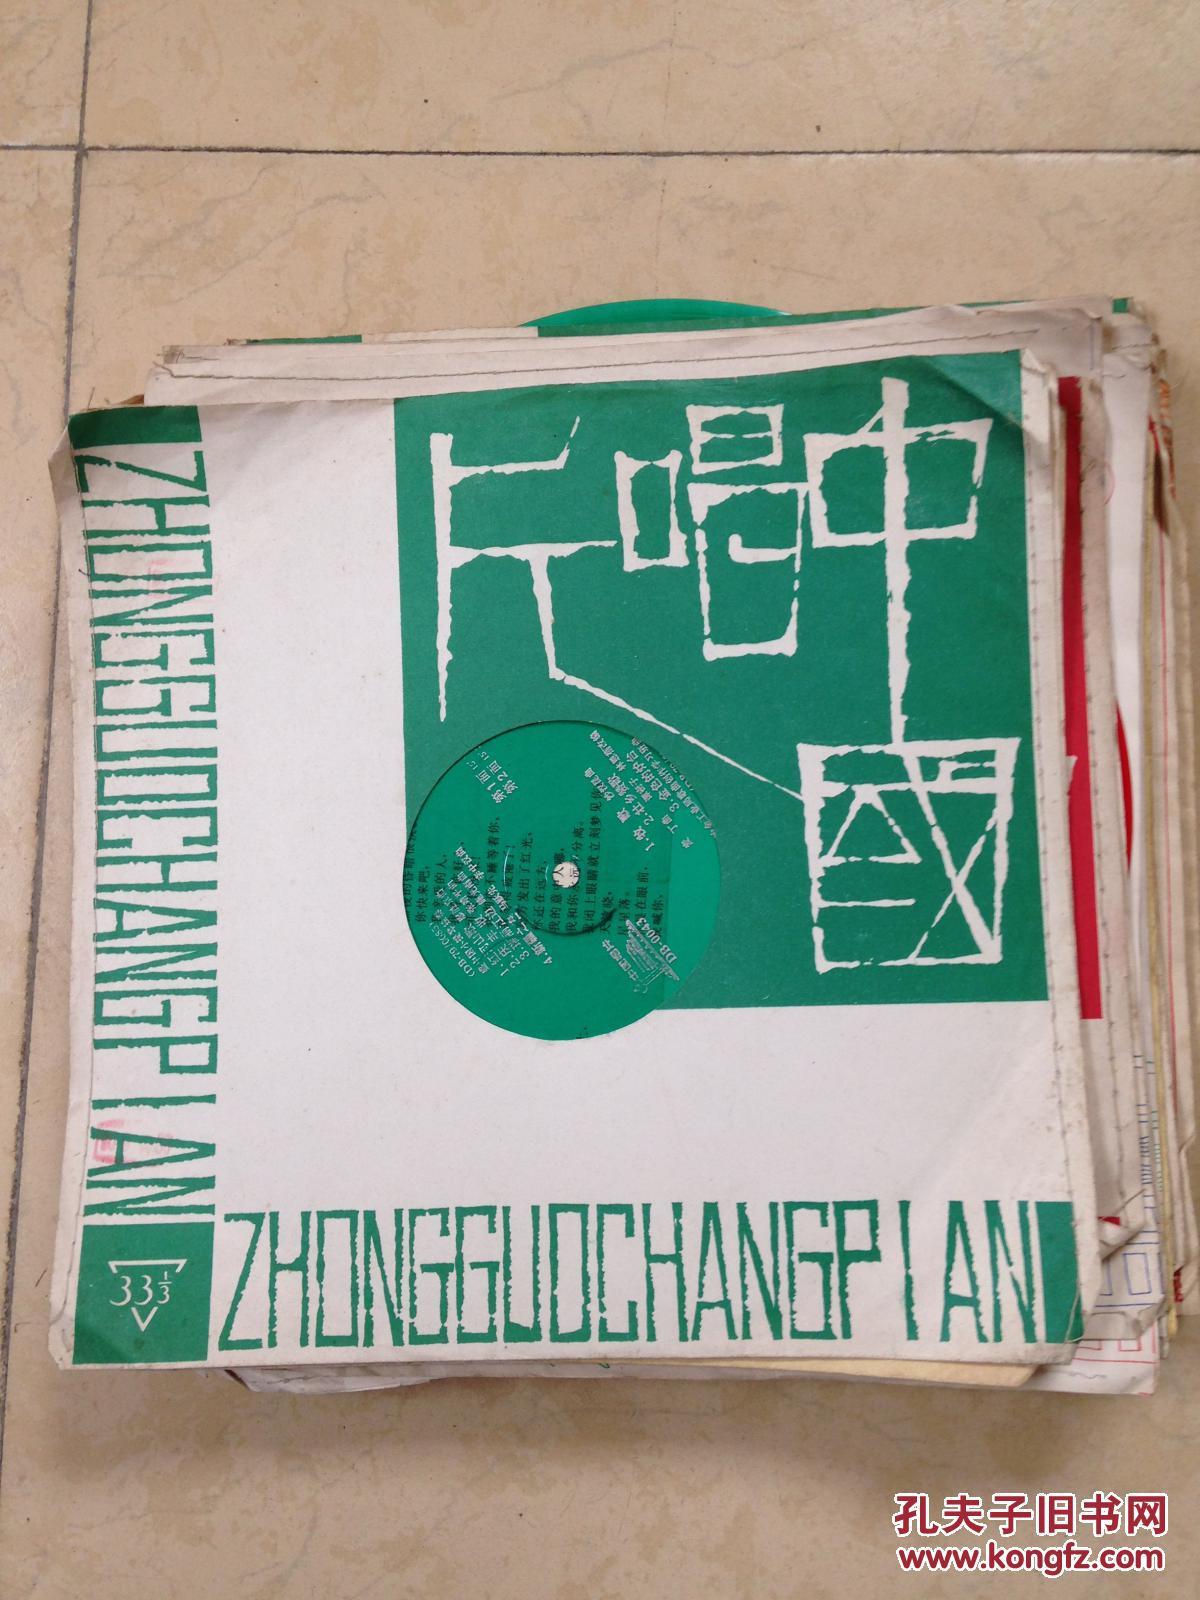 红河山歌 庆丰收 瑞丽江边 新疆之春 牧歌 壮乡赞歌 金色的炉台图片